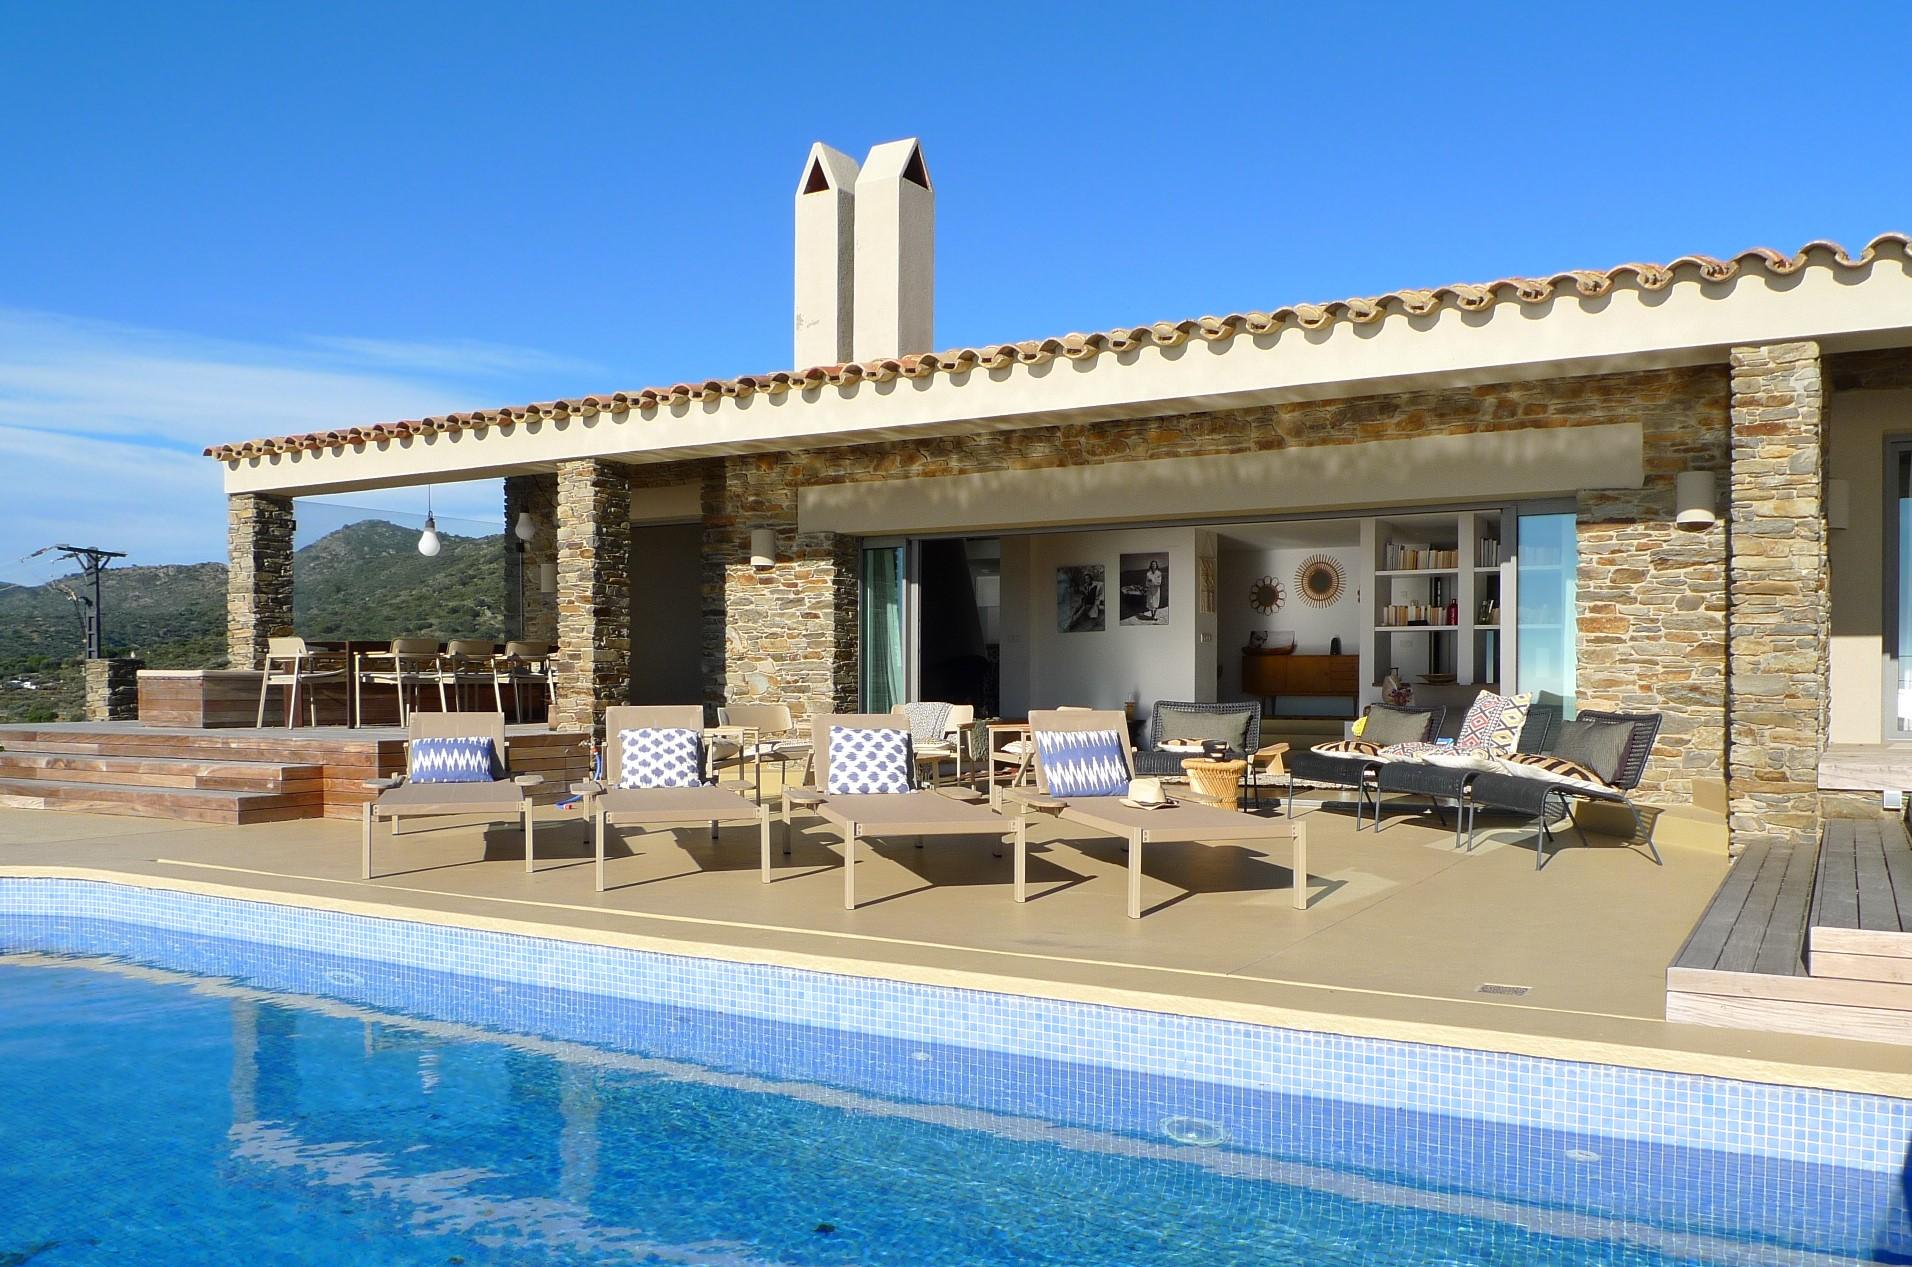 Bohemian Costa Brava - Location villa de luxe - Catalogne (Esp.) - ChicVillas - 2